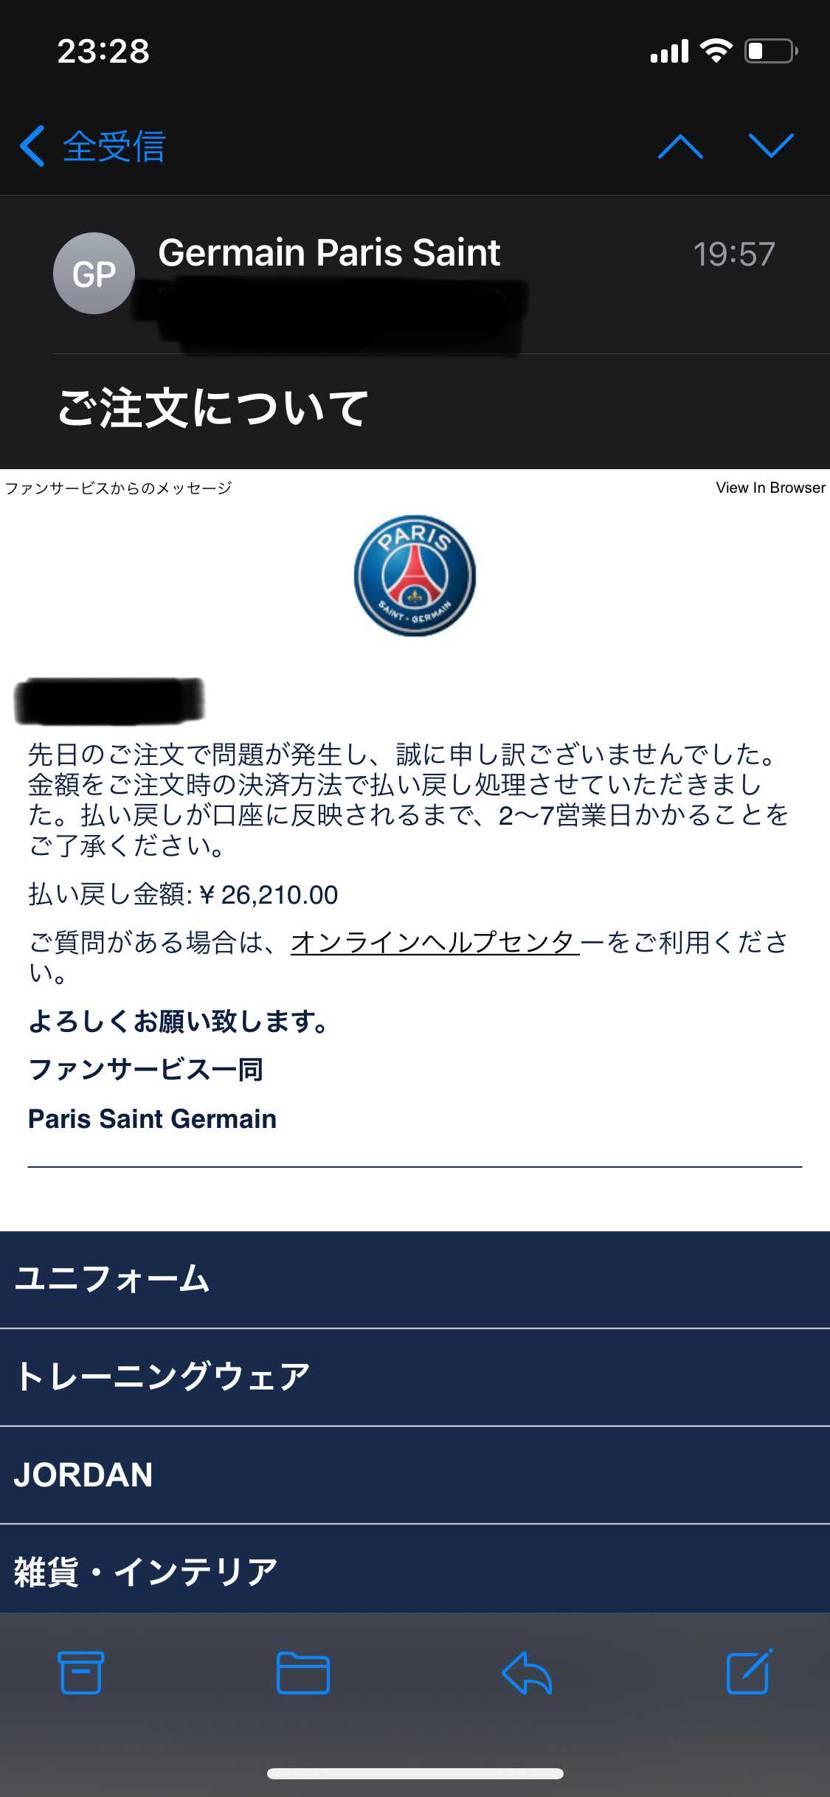 PSGのジョーダン4キャンセルされました…  正直遅すぎて熱も冷めてきてたけ